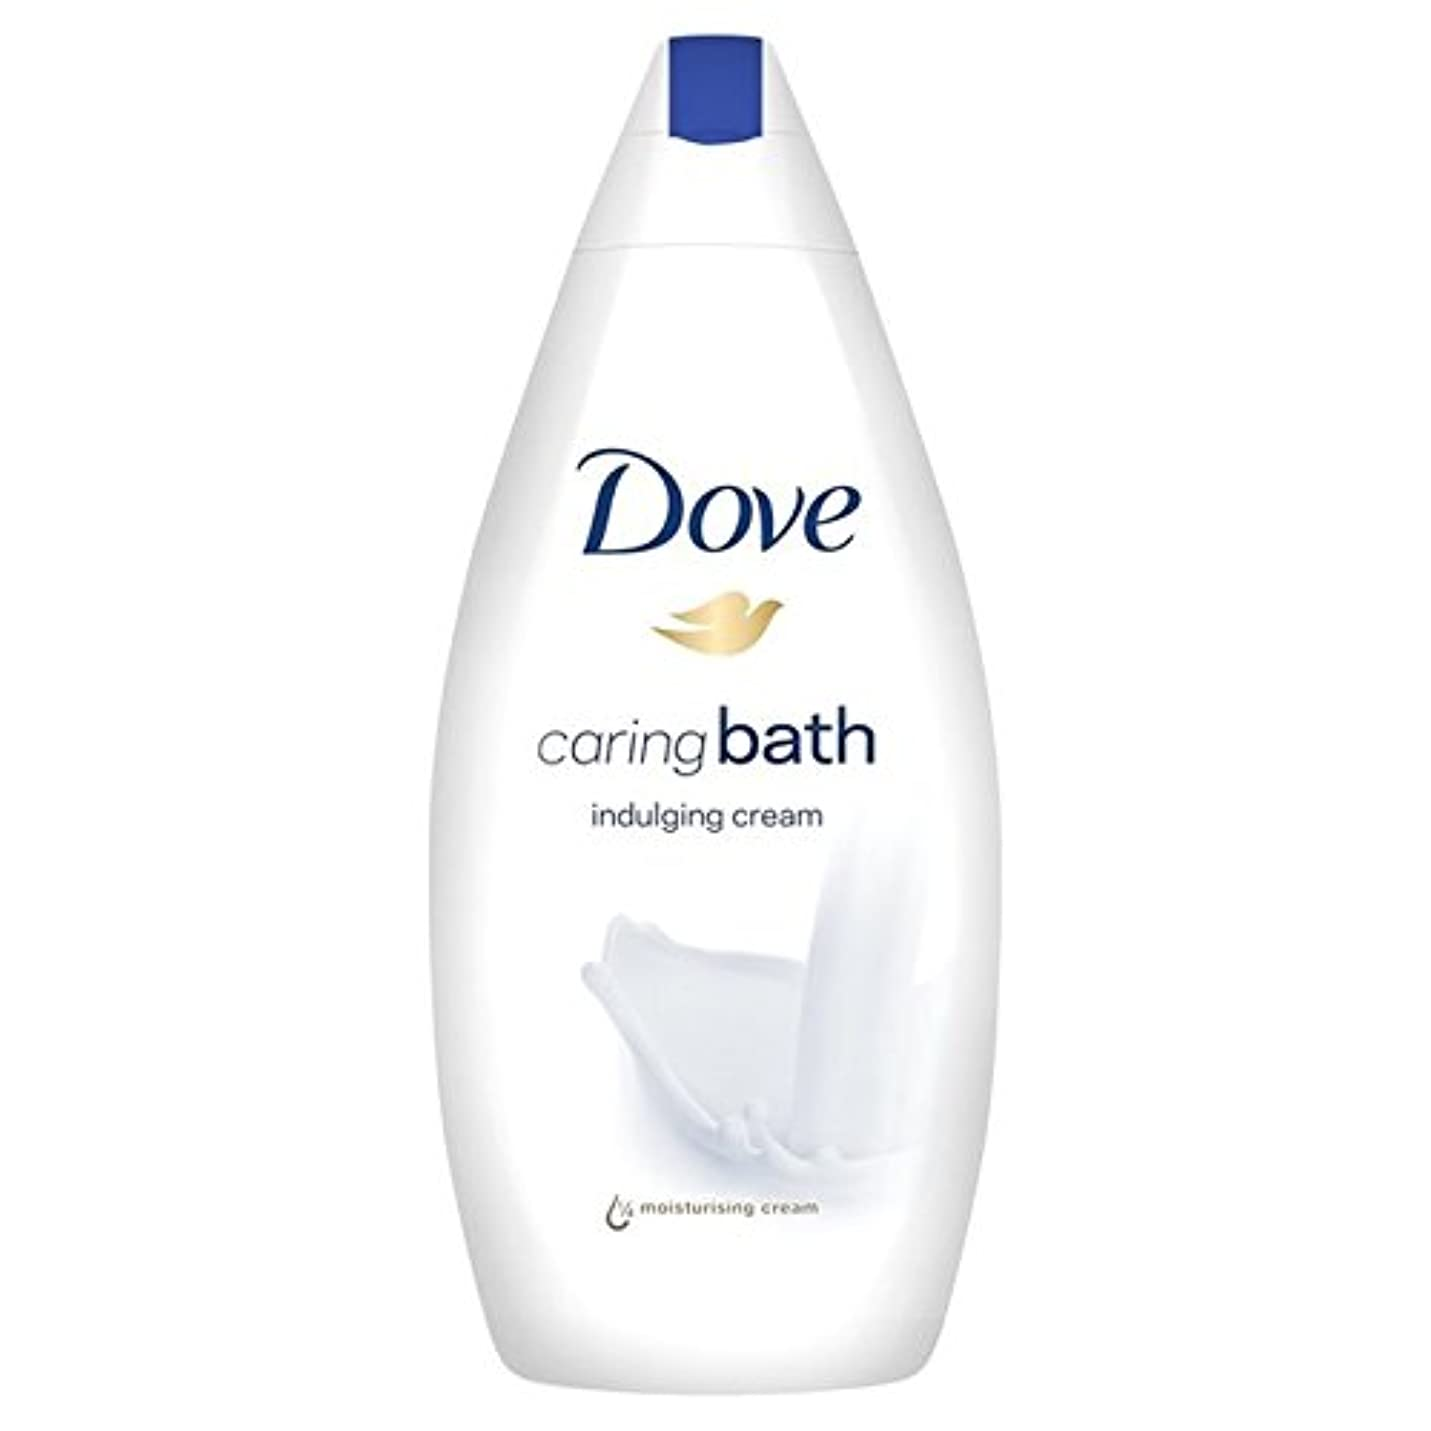 祝う種をまく見る人思いやりのバス500ミリリットルをふける鳩 x2 - Dove Indulging Caring Bath 500ml (Pack of 2) [並行輸入品]